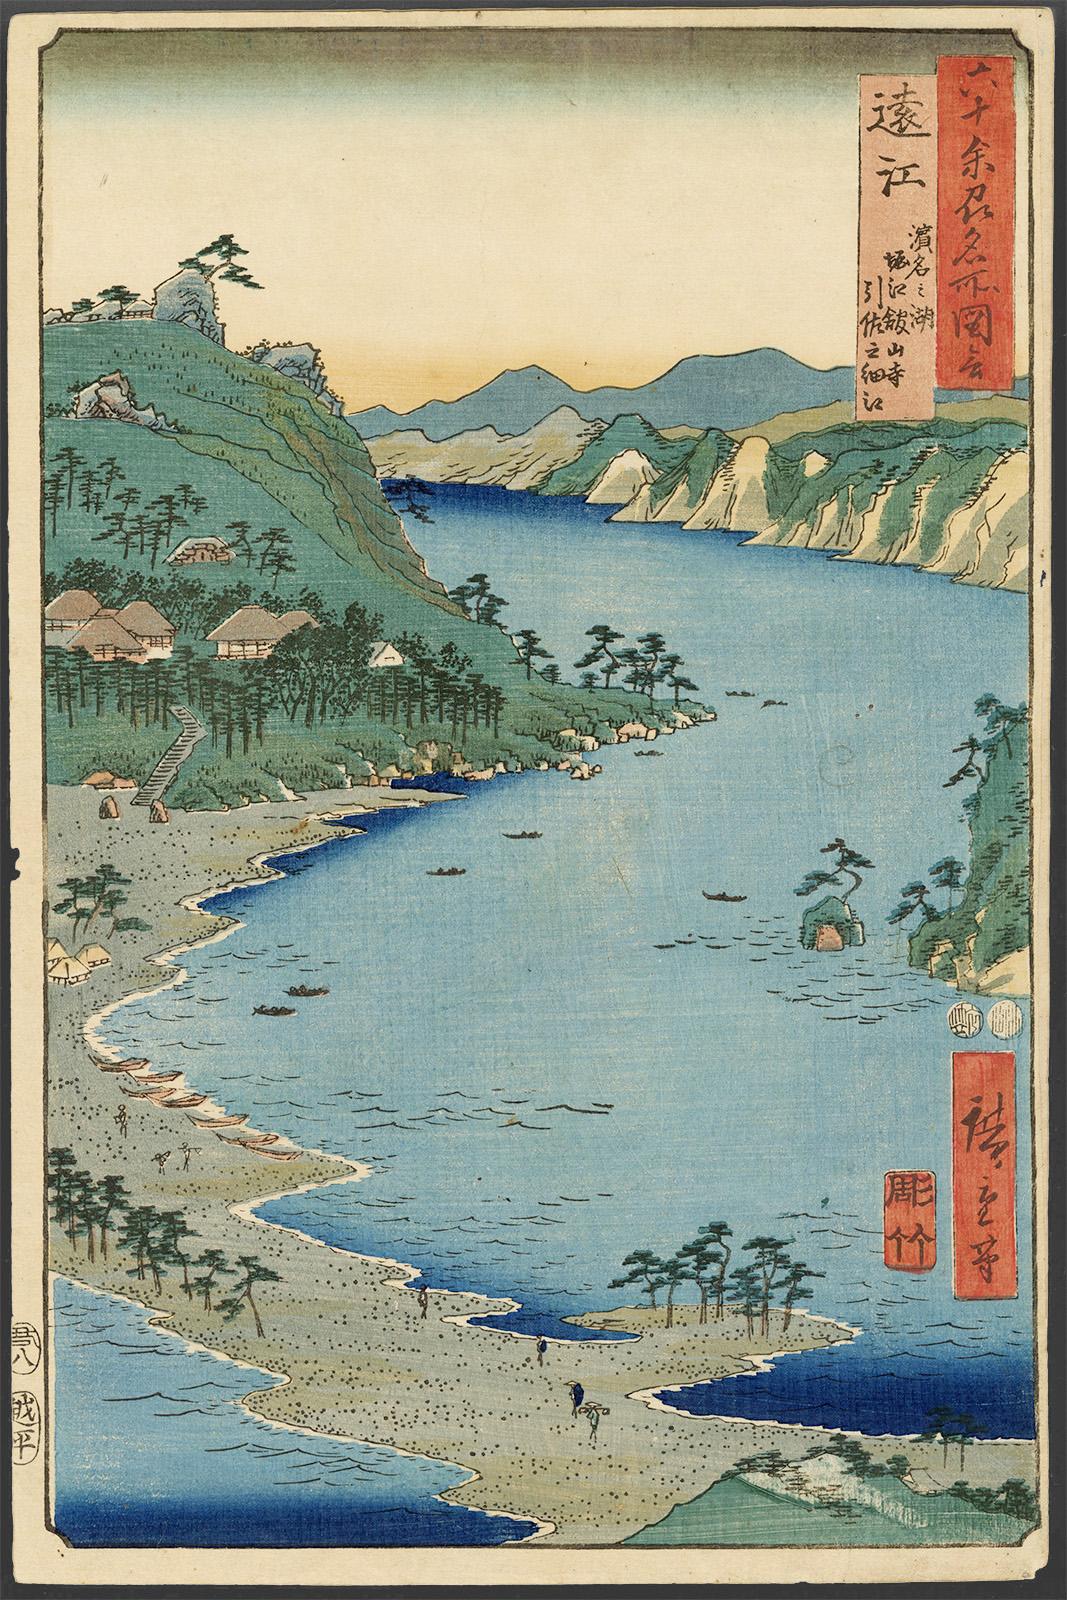 広重 / Hiroshige「六十余州名所図会 遠江 浜名之湖 堀江館山寺 引佐之細江」